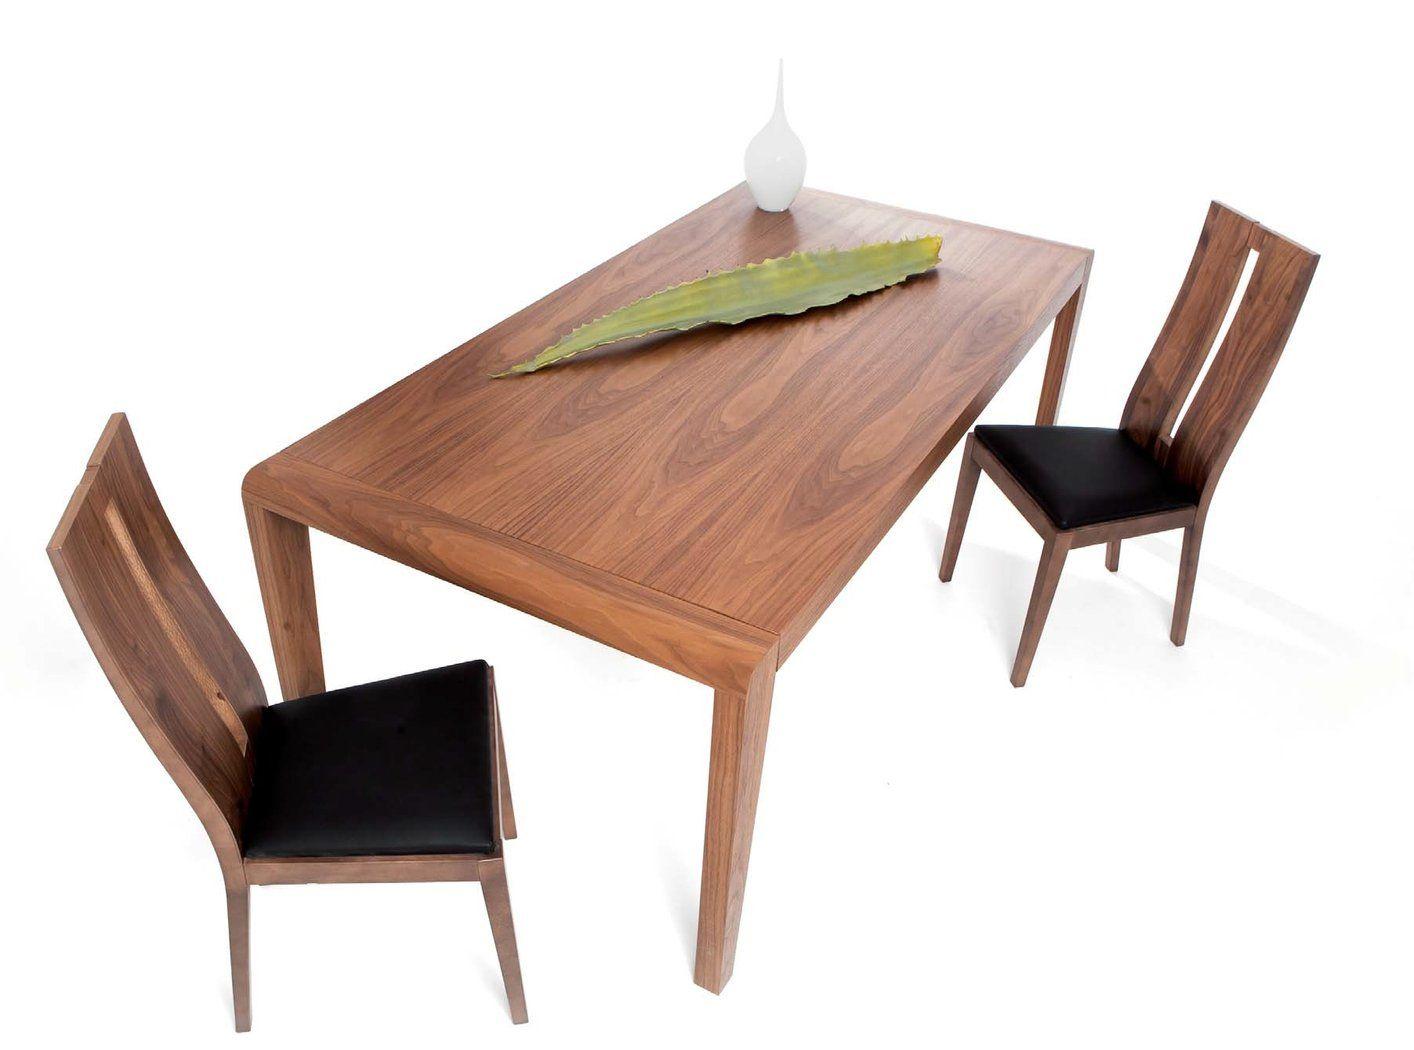 Mesa de comedor de dise o moderno yebra - Mesas diseno comedor ...